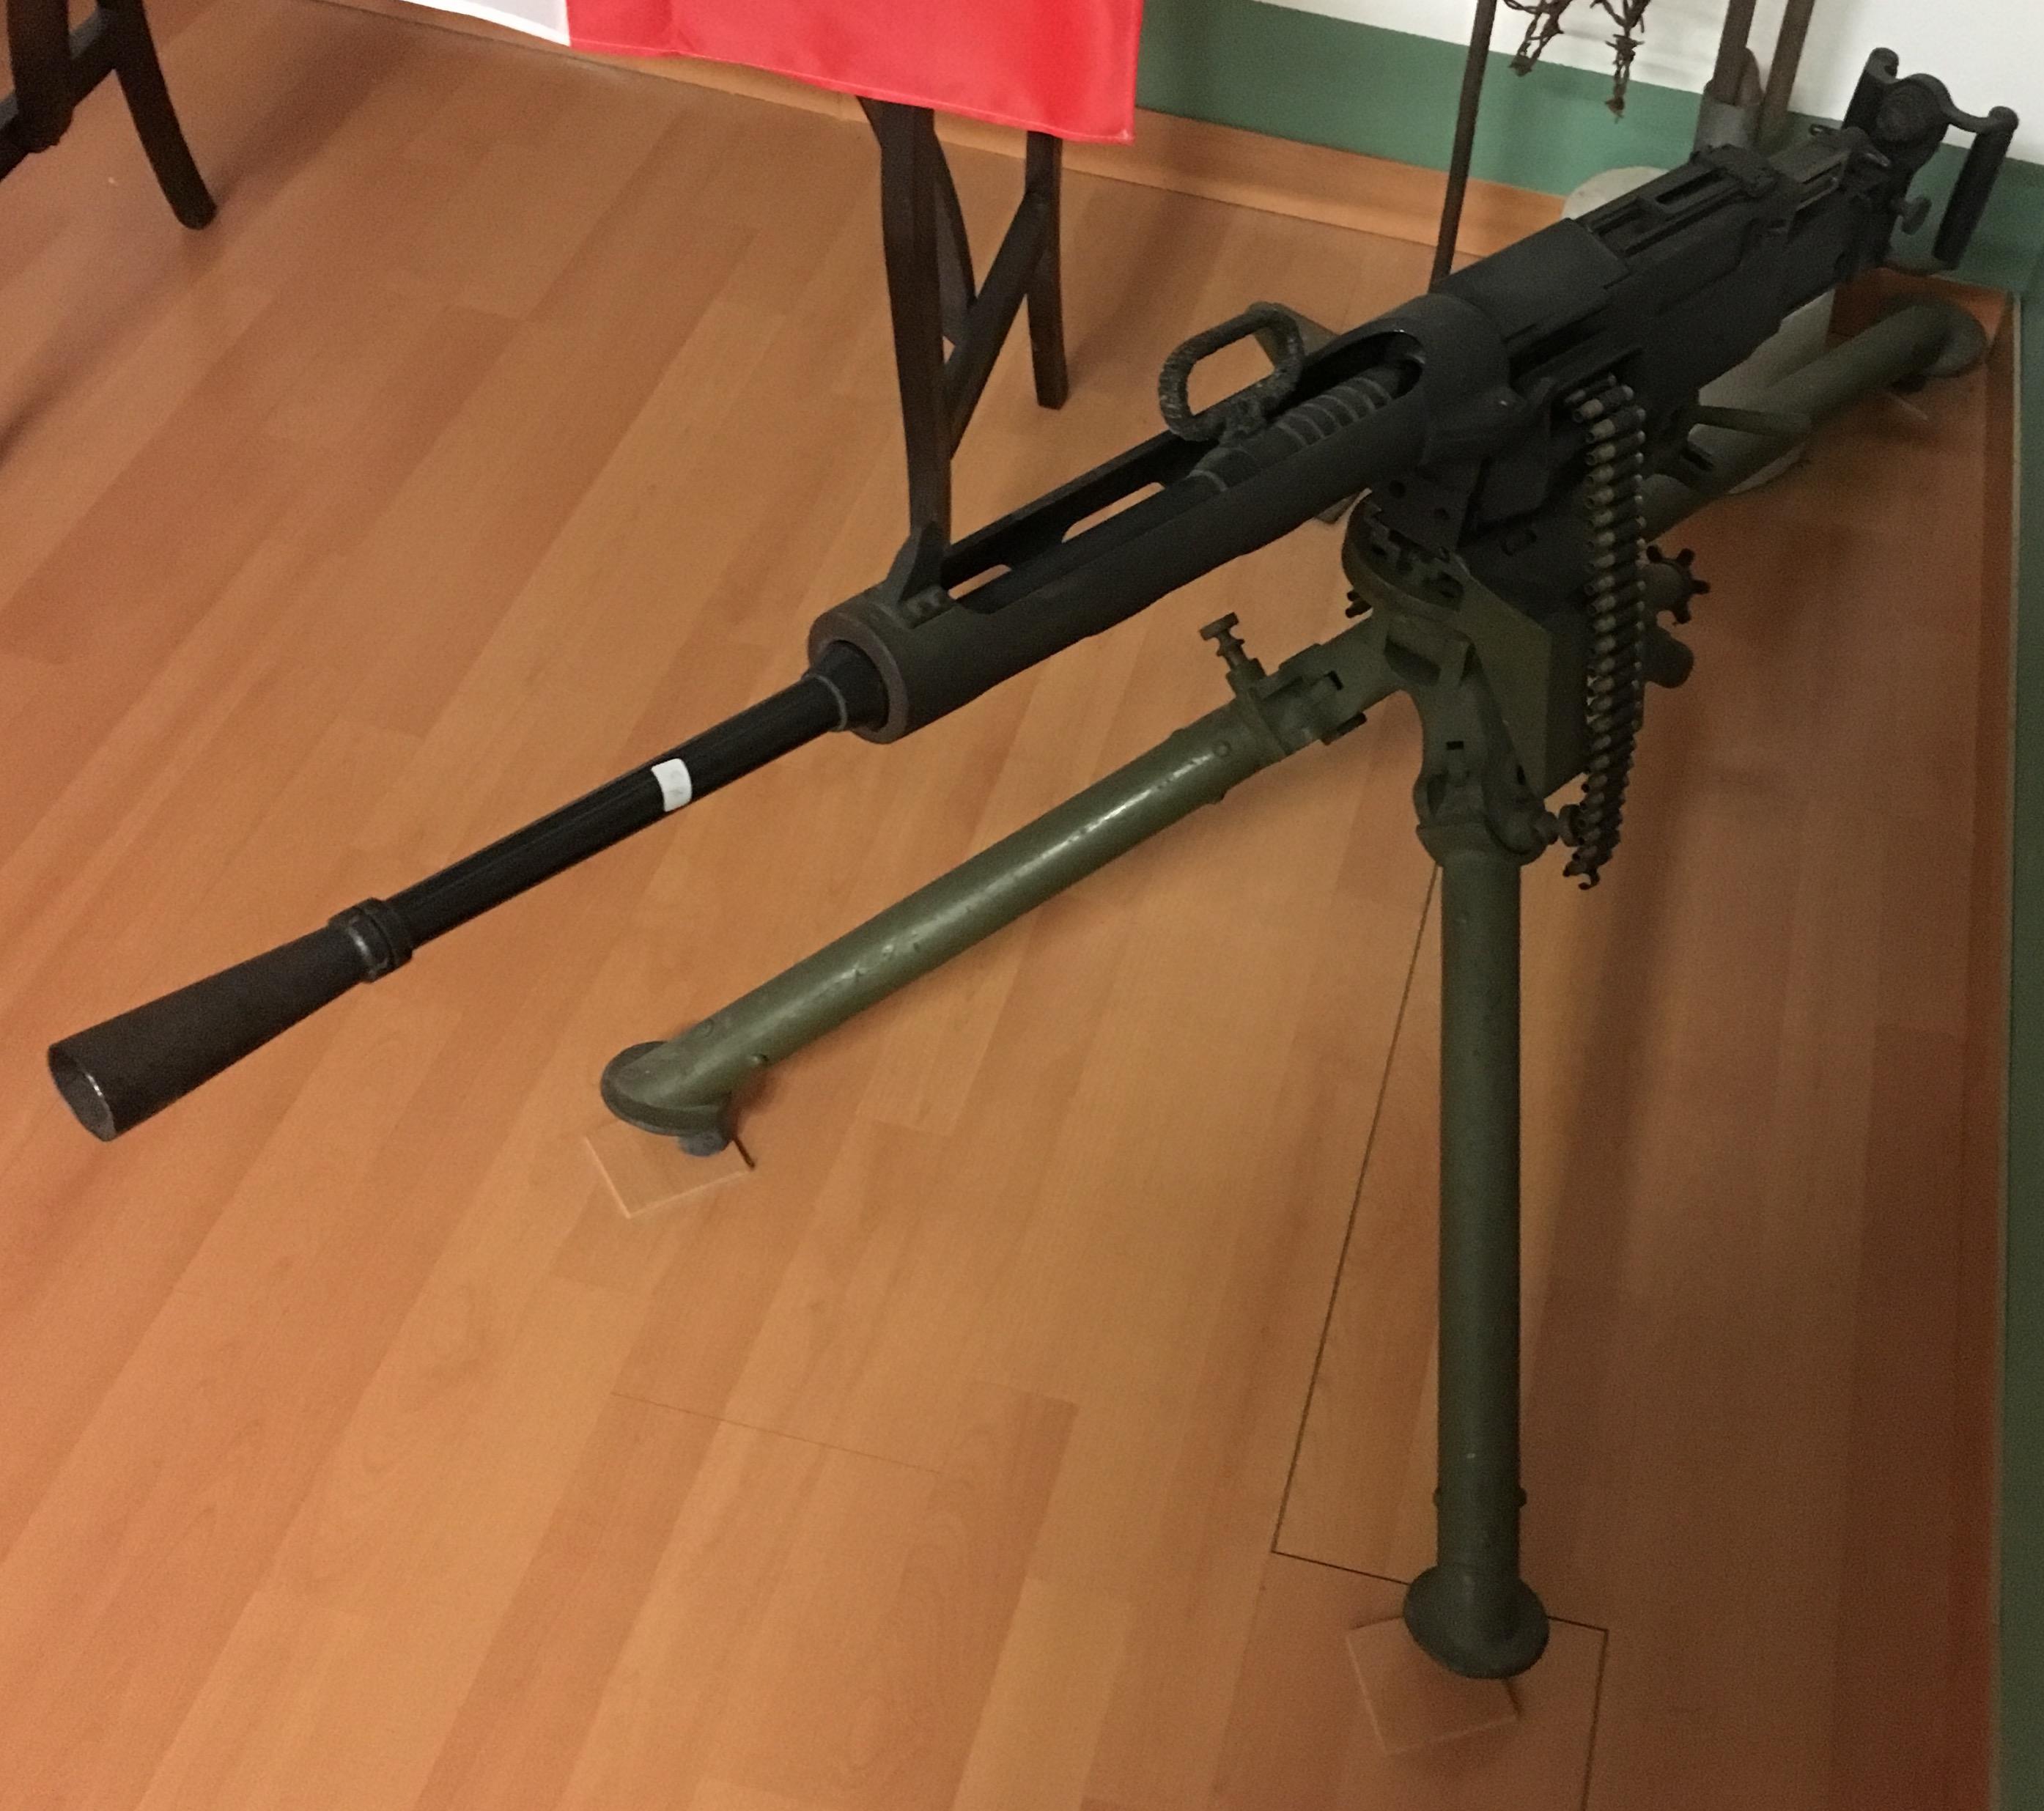 mitragliatrice8435733D-3179-3EAC-55D9-A4AFCE52599A.jpg